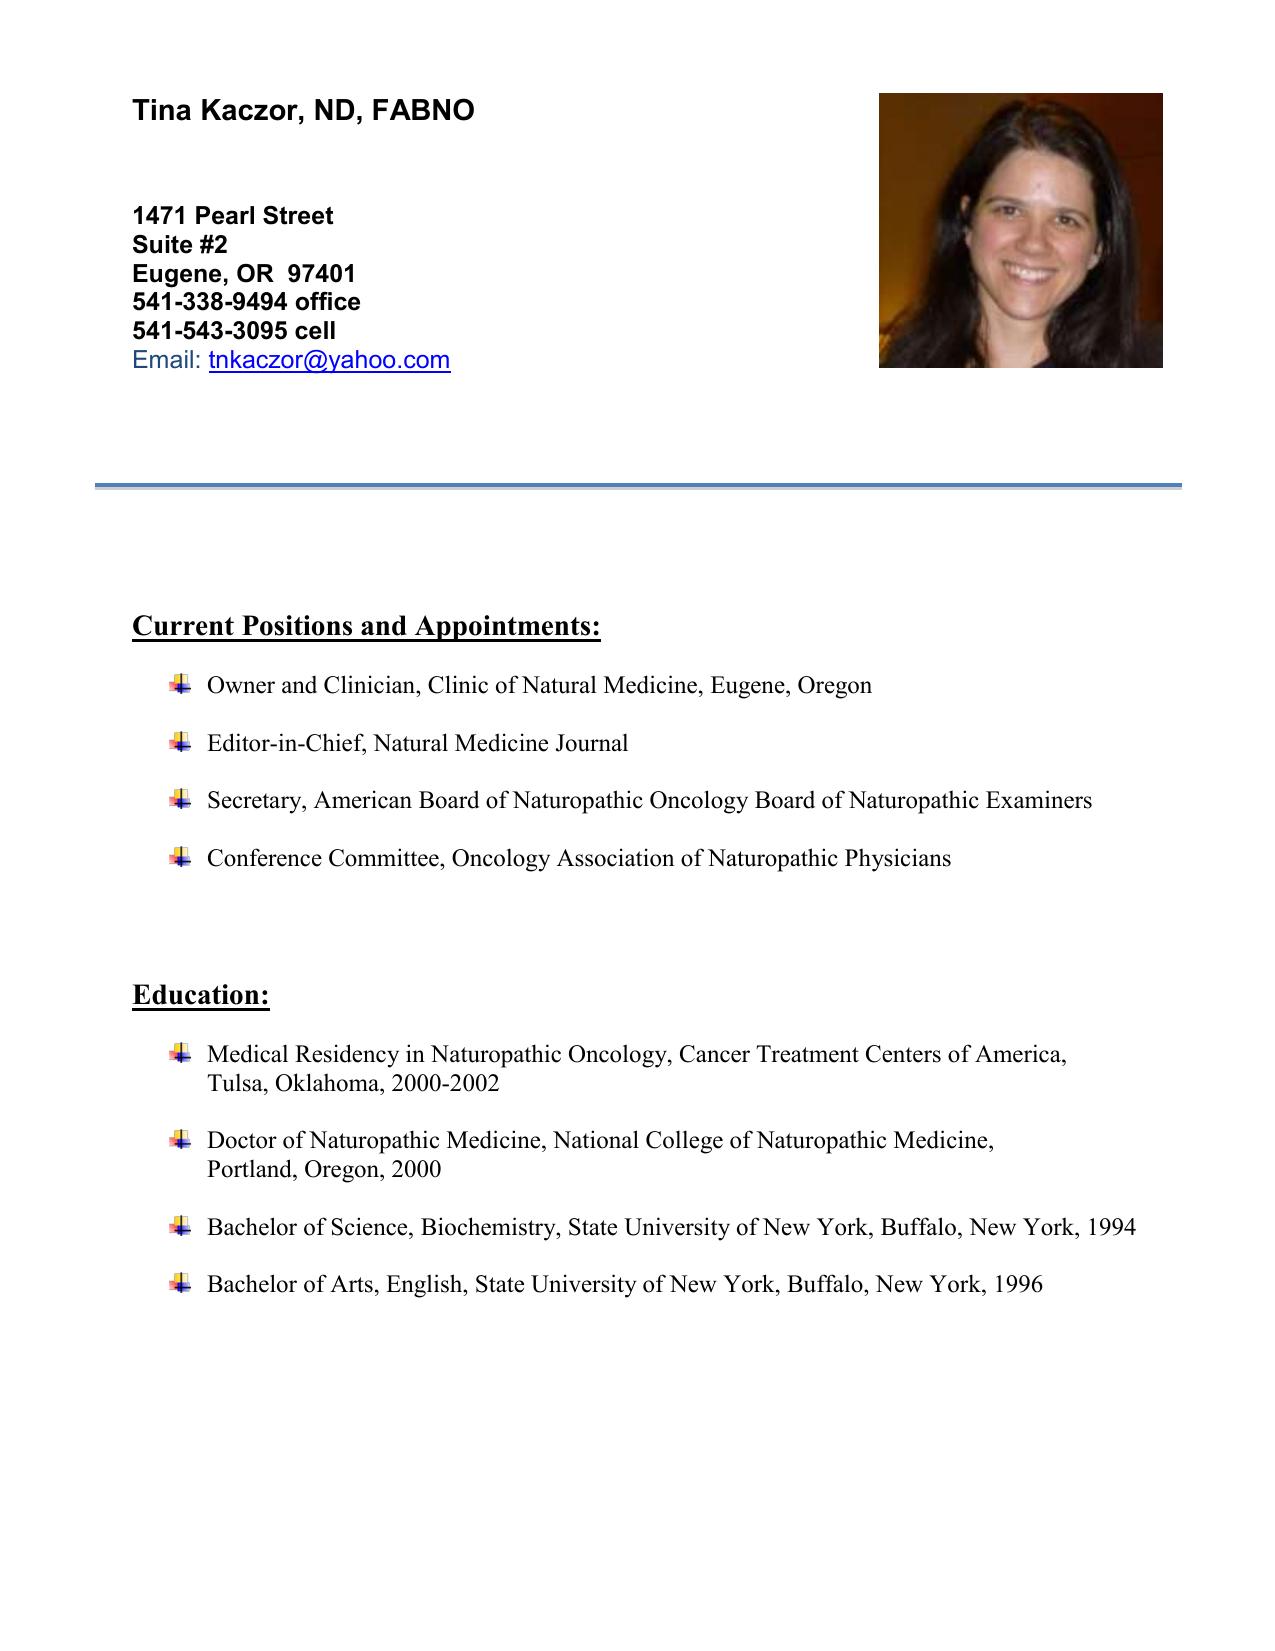 Curriculum Vitae - Functional Medicine University